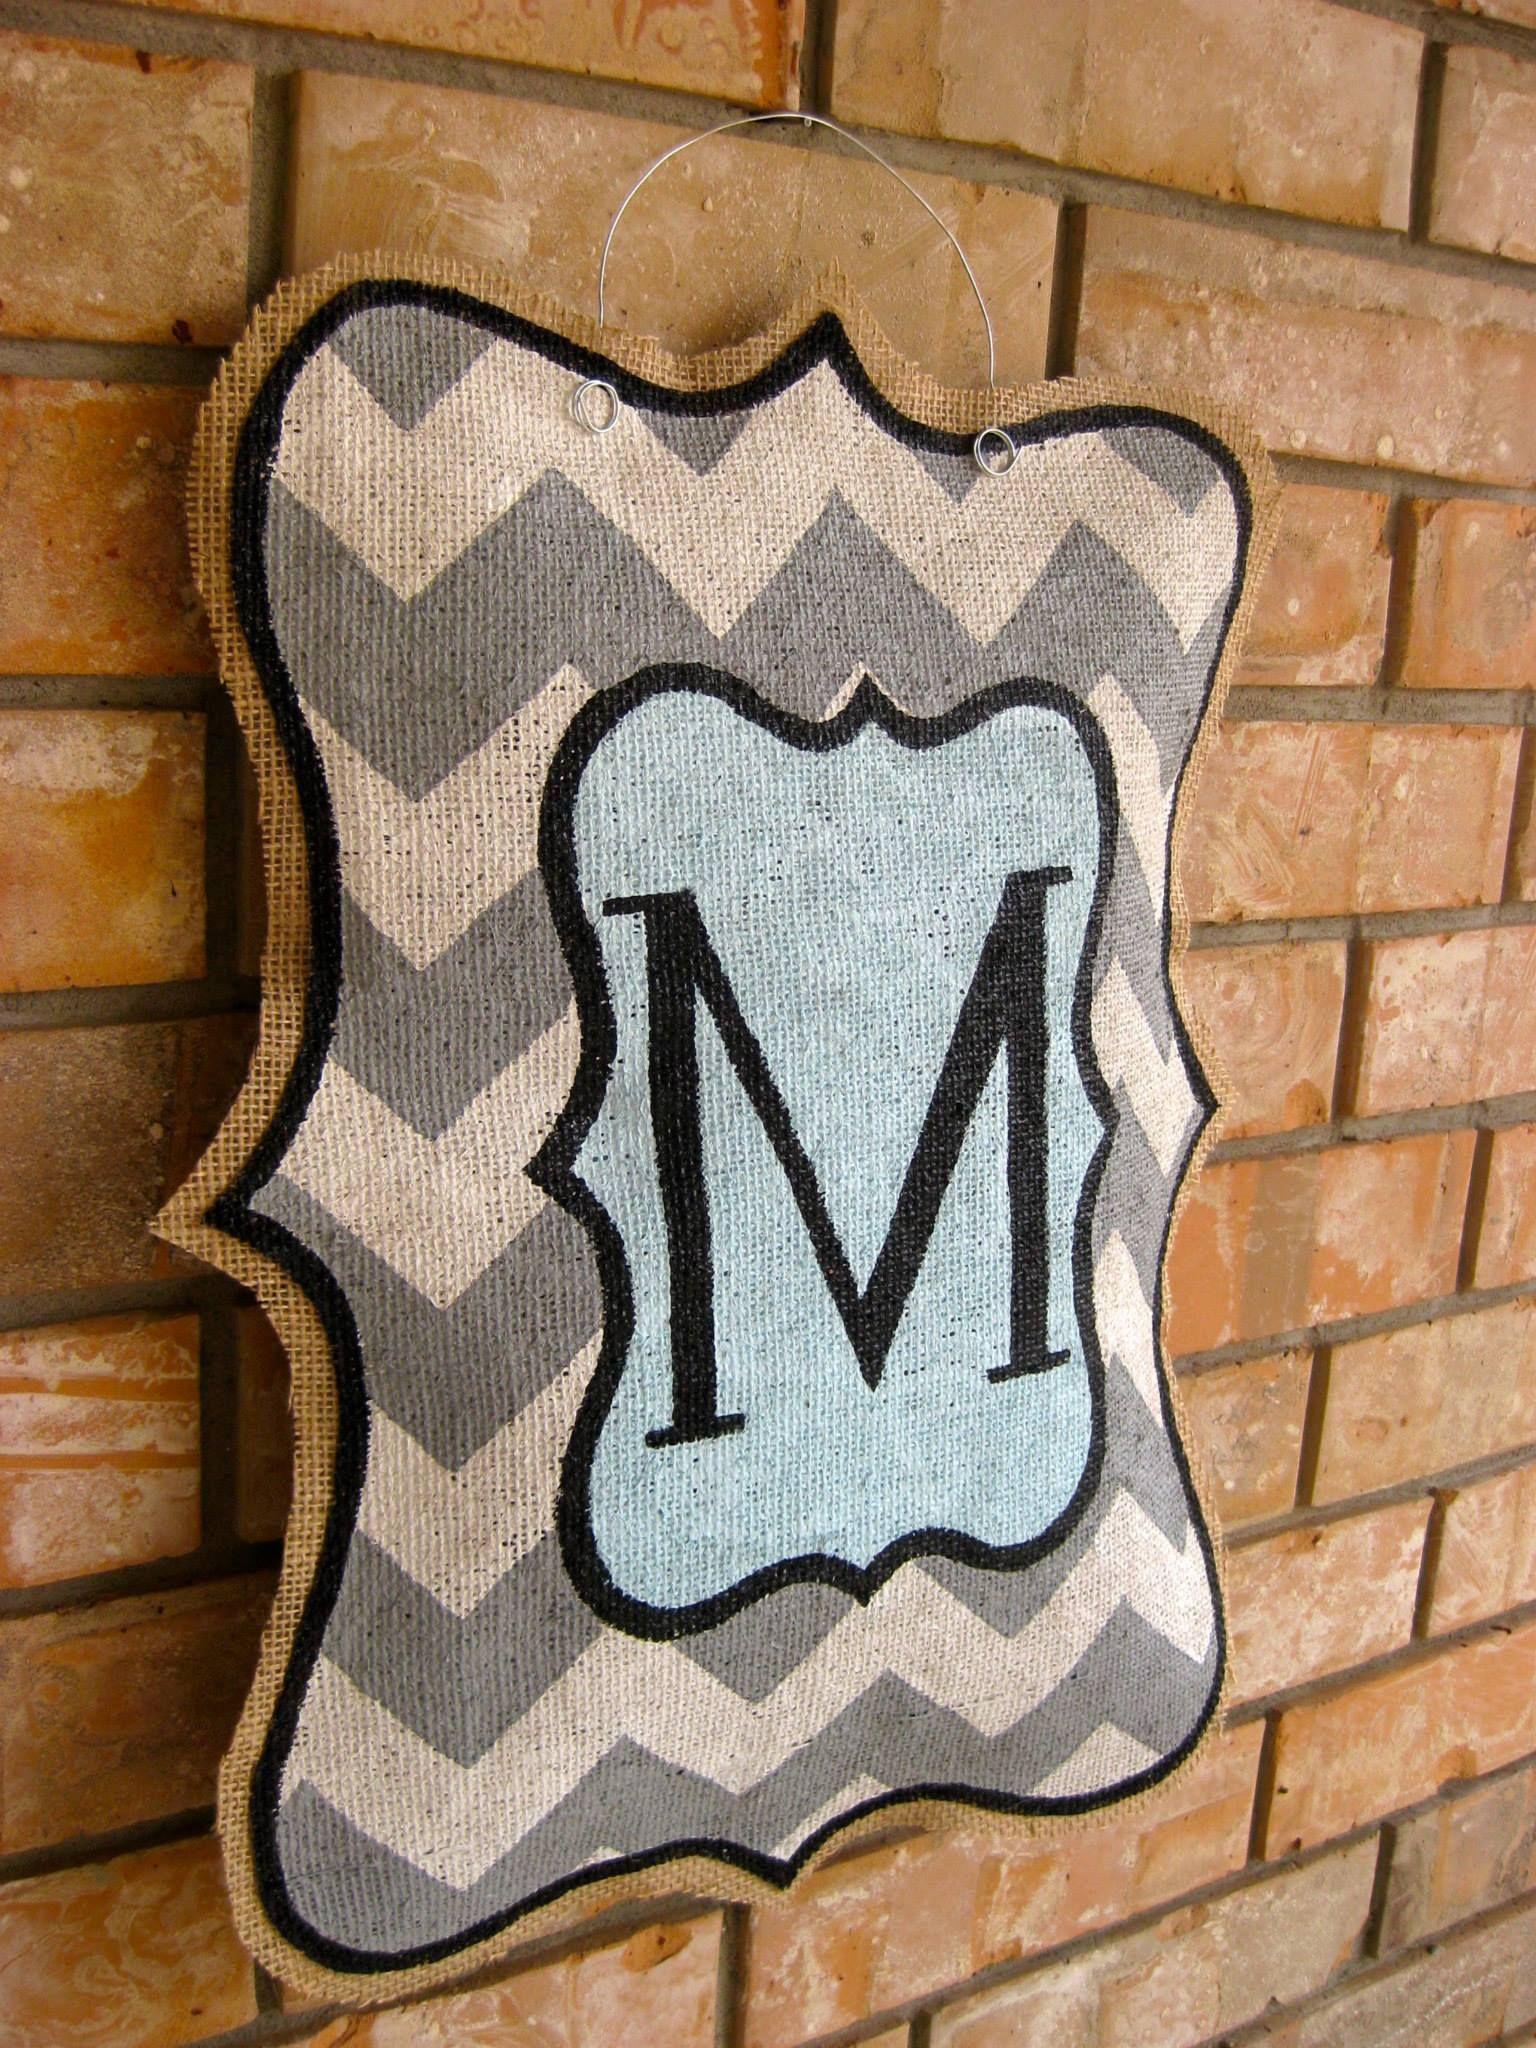 painted burlap door hangers   Be the first to review \u201cChevron Monogram\u201d Click here to cancel . & DIY Burlap Door Hanger Tutorial...Materials Needed: Burlap Hot ...